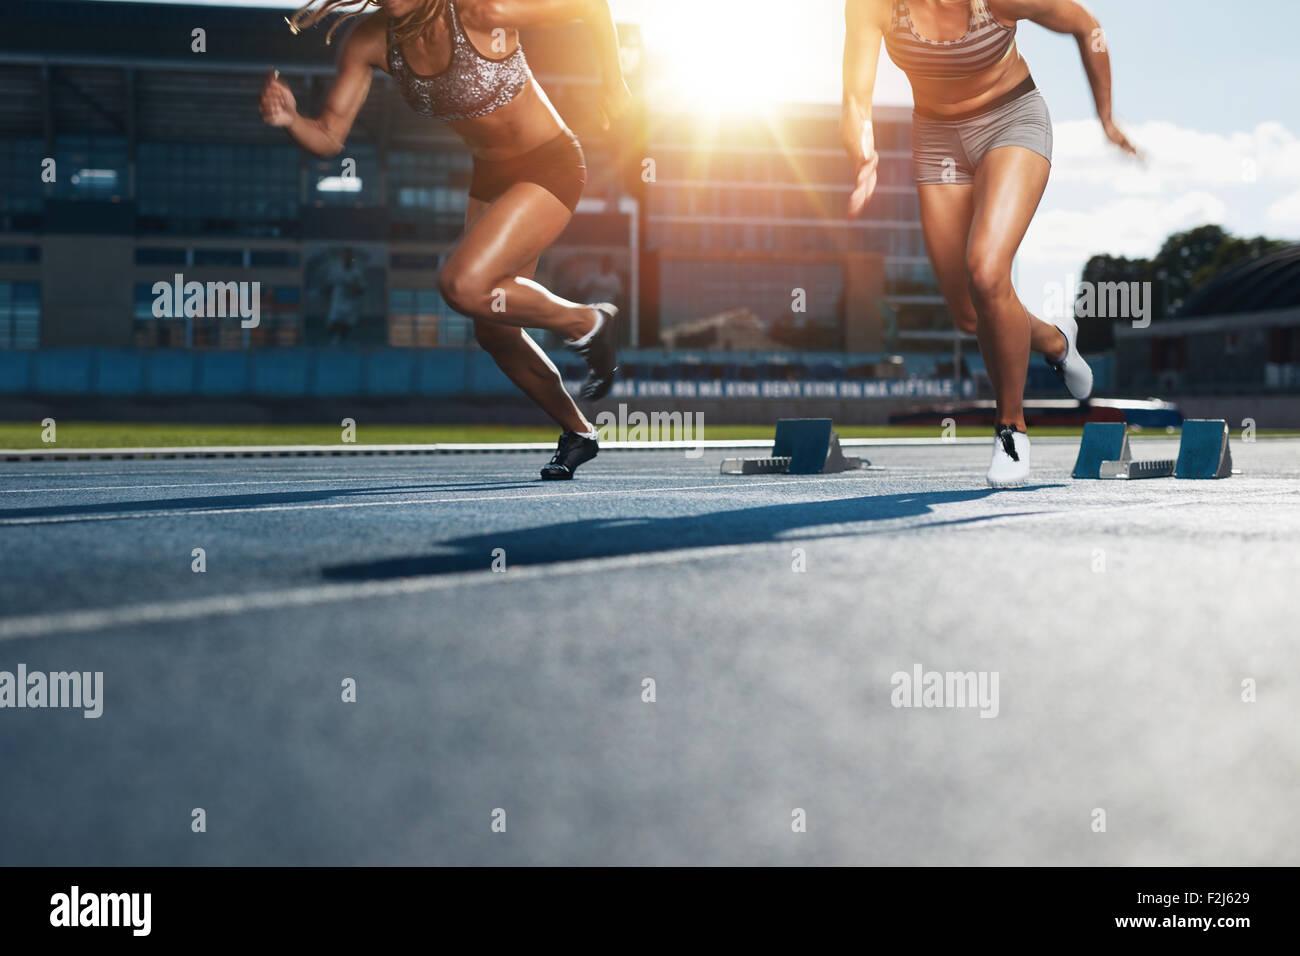 Velocisti inizia fuori dei blocchi sulla pista di atletica con condizioni di luce solare intensa. Sezione bassa Immagini Stock